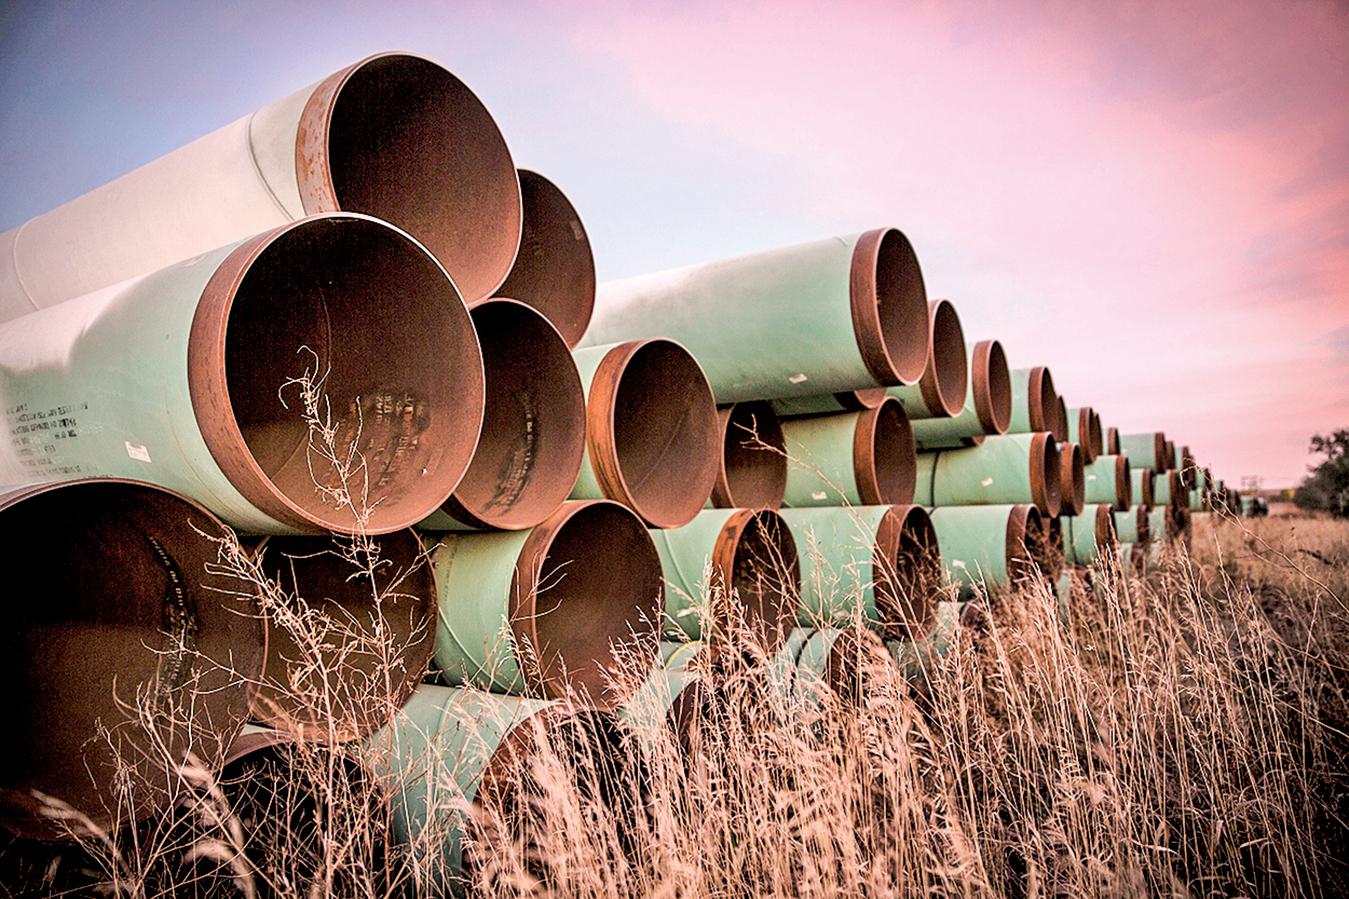 拜登簽署行政令,取消Keystone XL石油管道項目的許可。圖為準備用在有關工程中的管道。 (Andrew Burton/Getty Images)